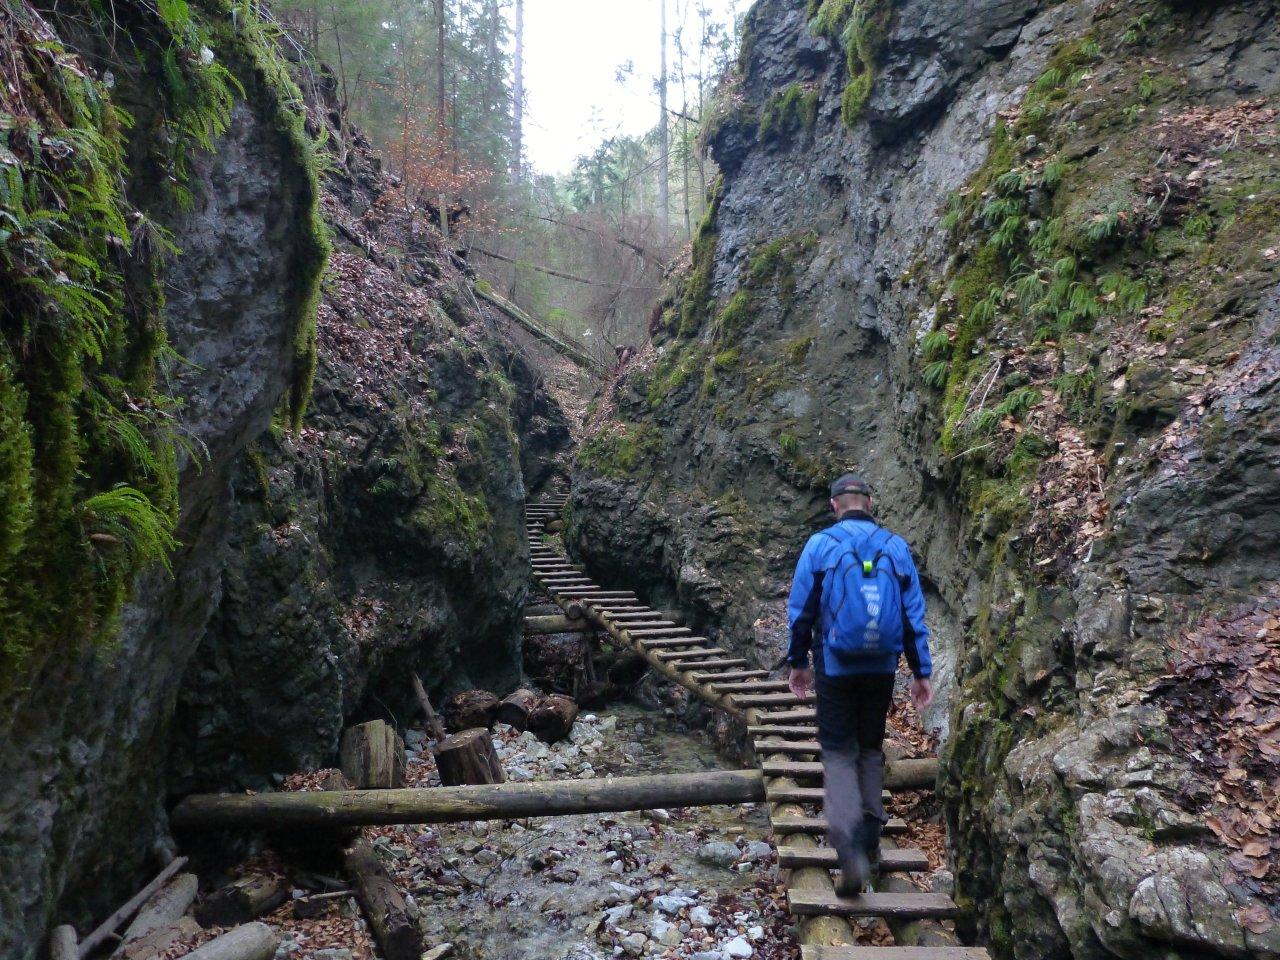 Suchá Belá gorge, Slovak Paradise National Park, Slovakia 3